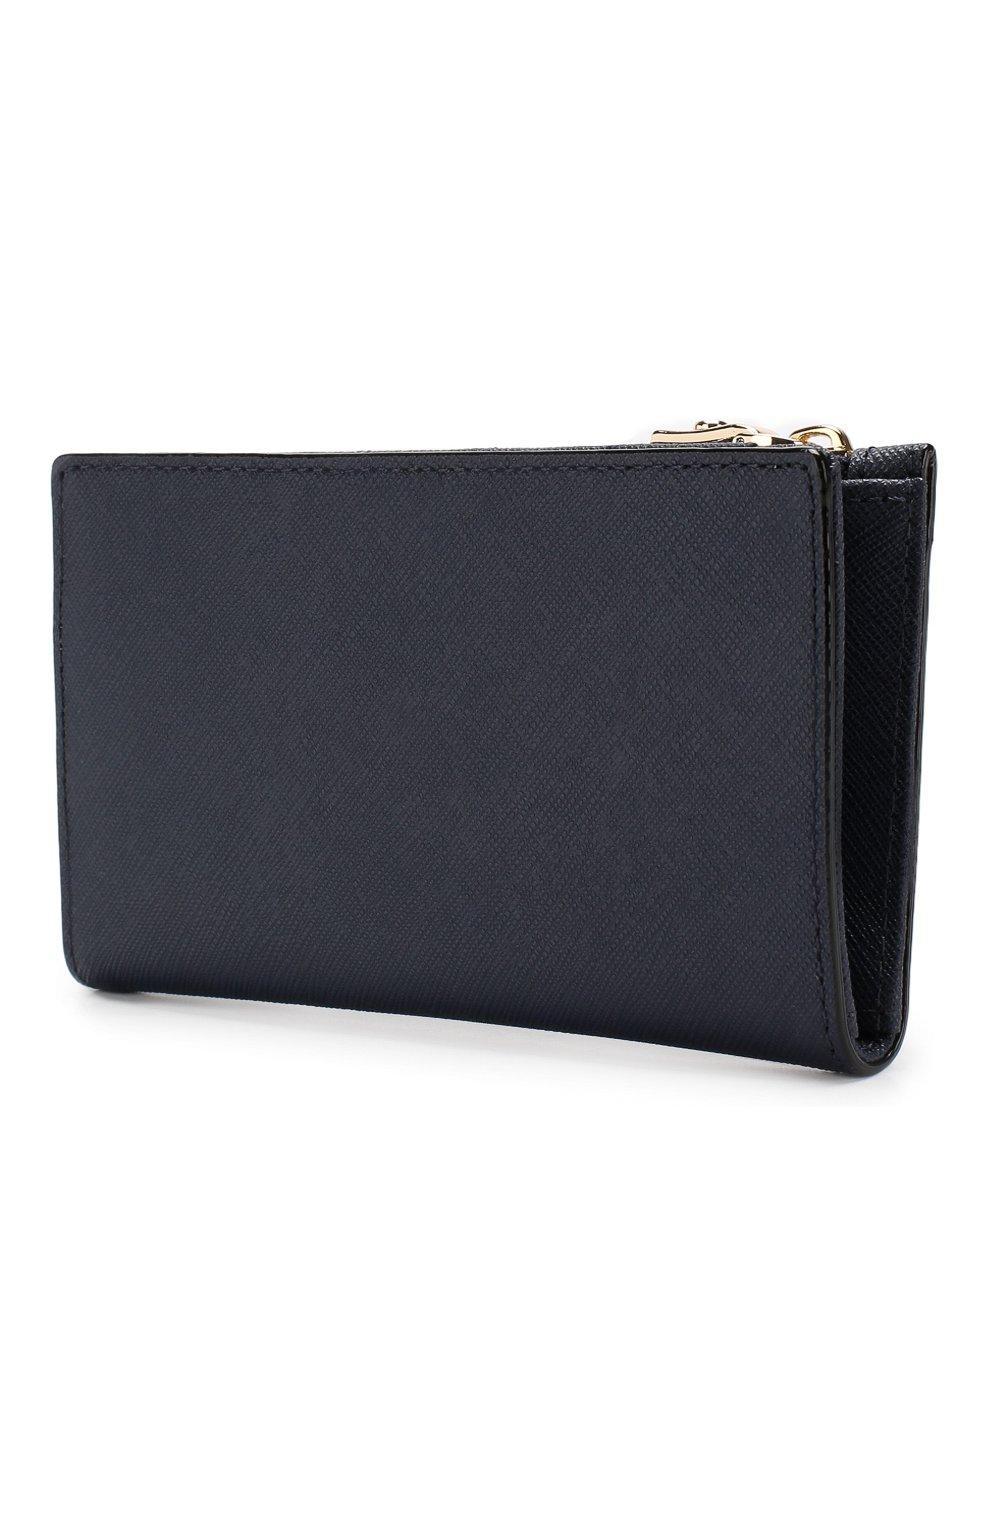 Кожаный кошелек Cameron Street Mikey Kate Spade New York синего цвета | Фото №2